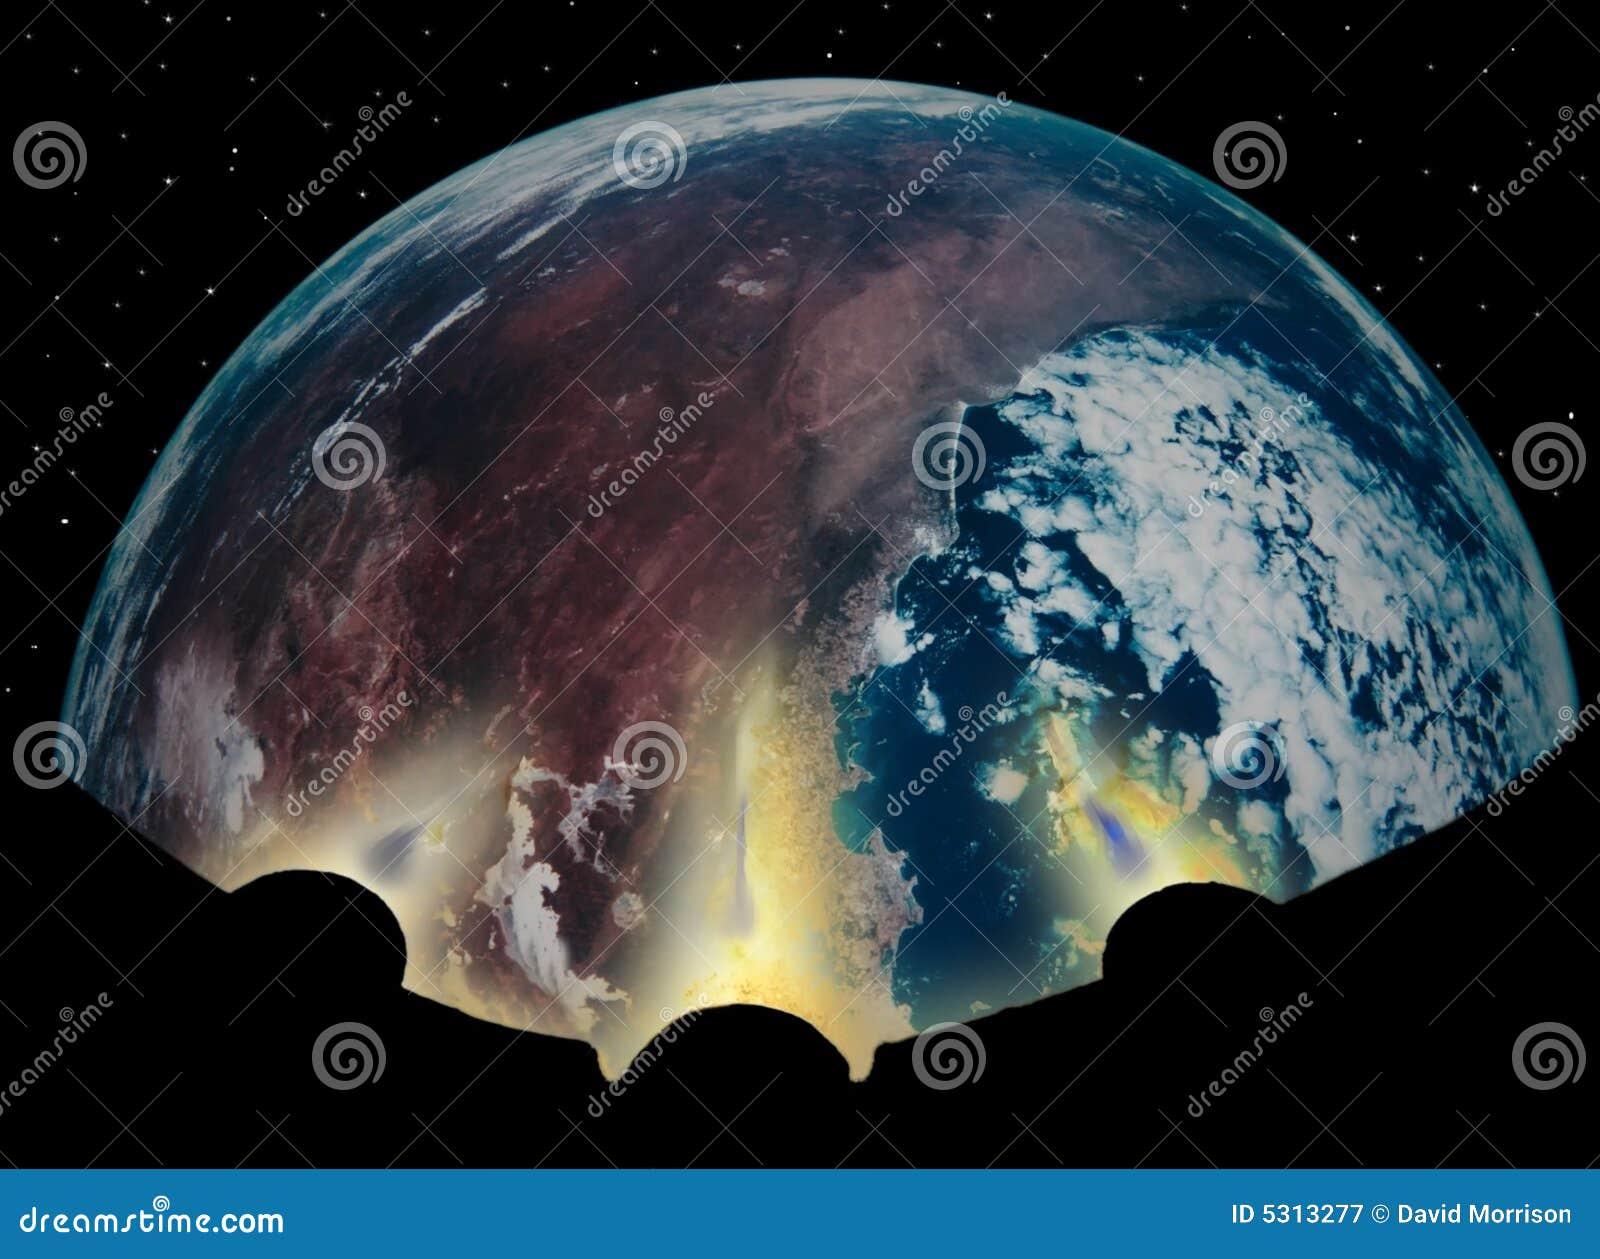 Download Riscaldamento globale 5 immagine stock. Immagine di andare - 5313277